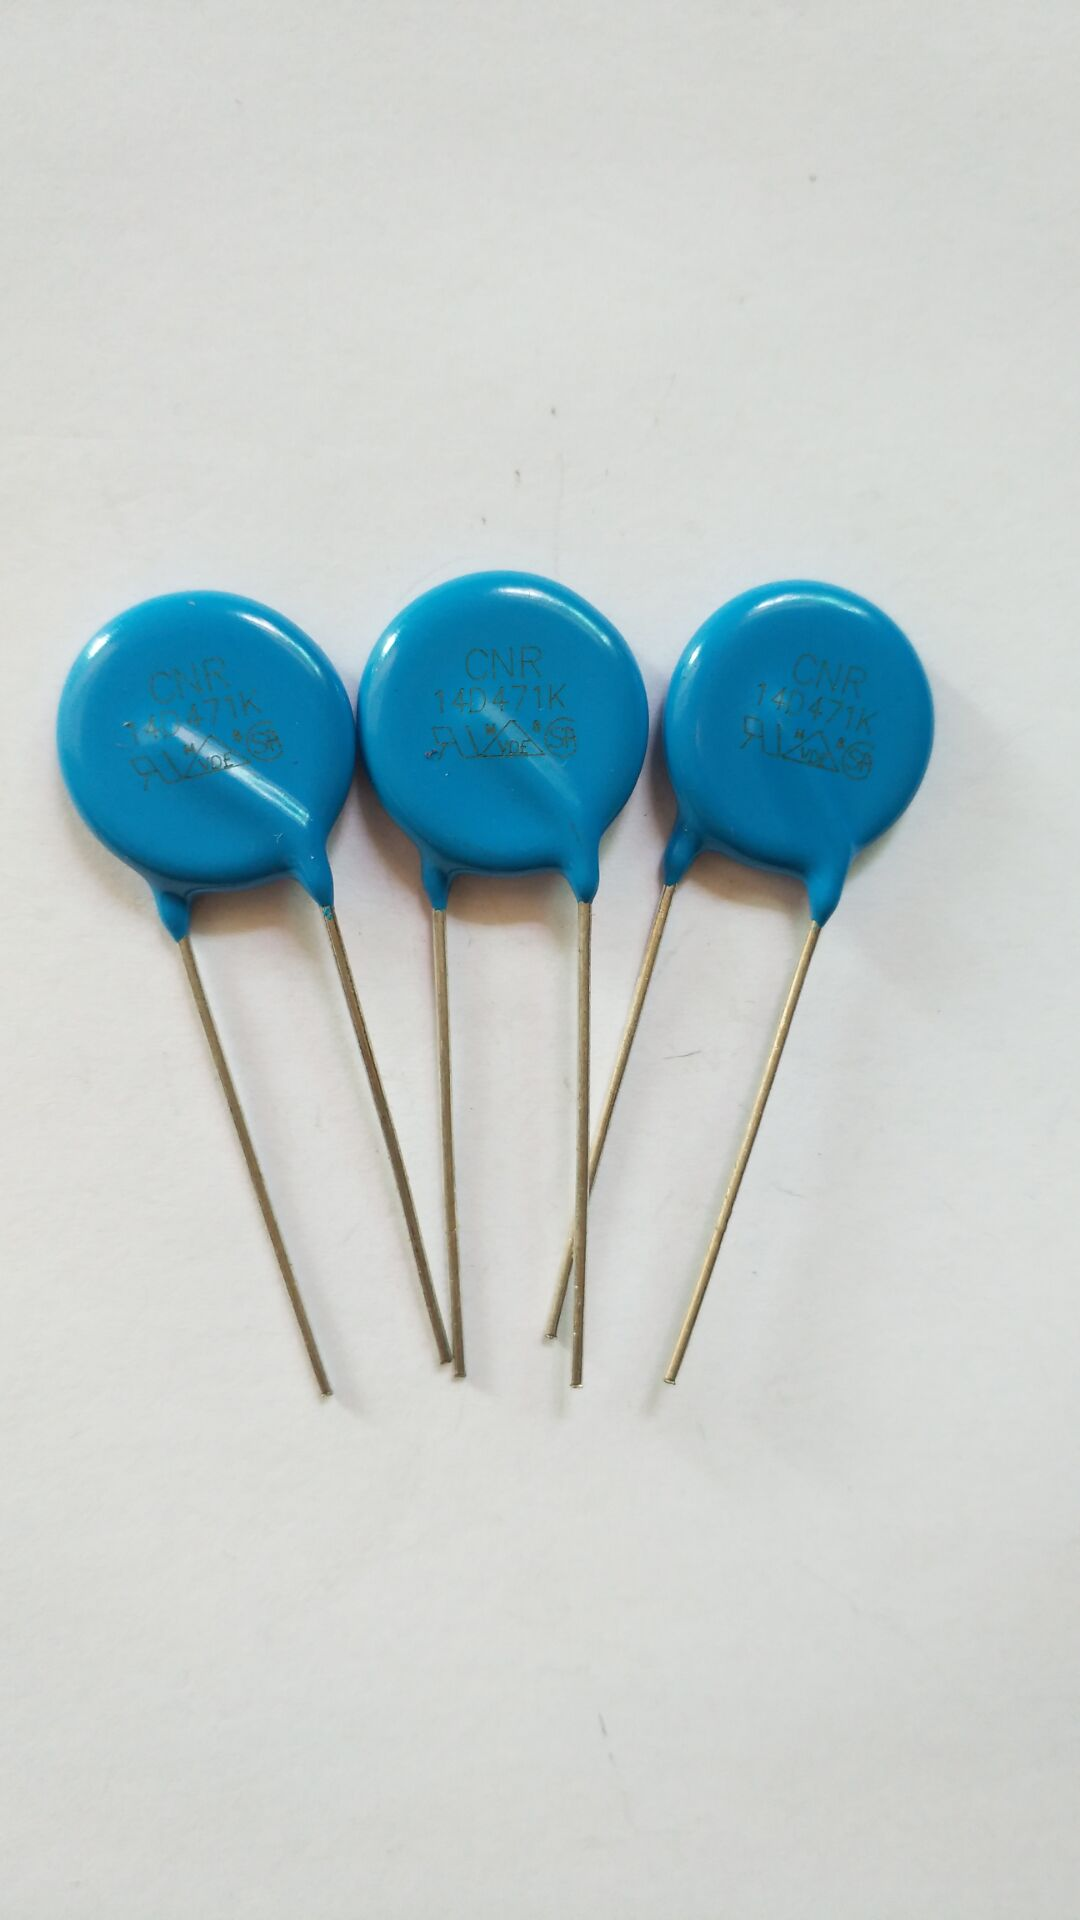 插件生产厂家插件厂家直销插件批发价格厂家直销哪家好 插件压敏电阻